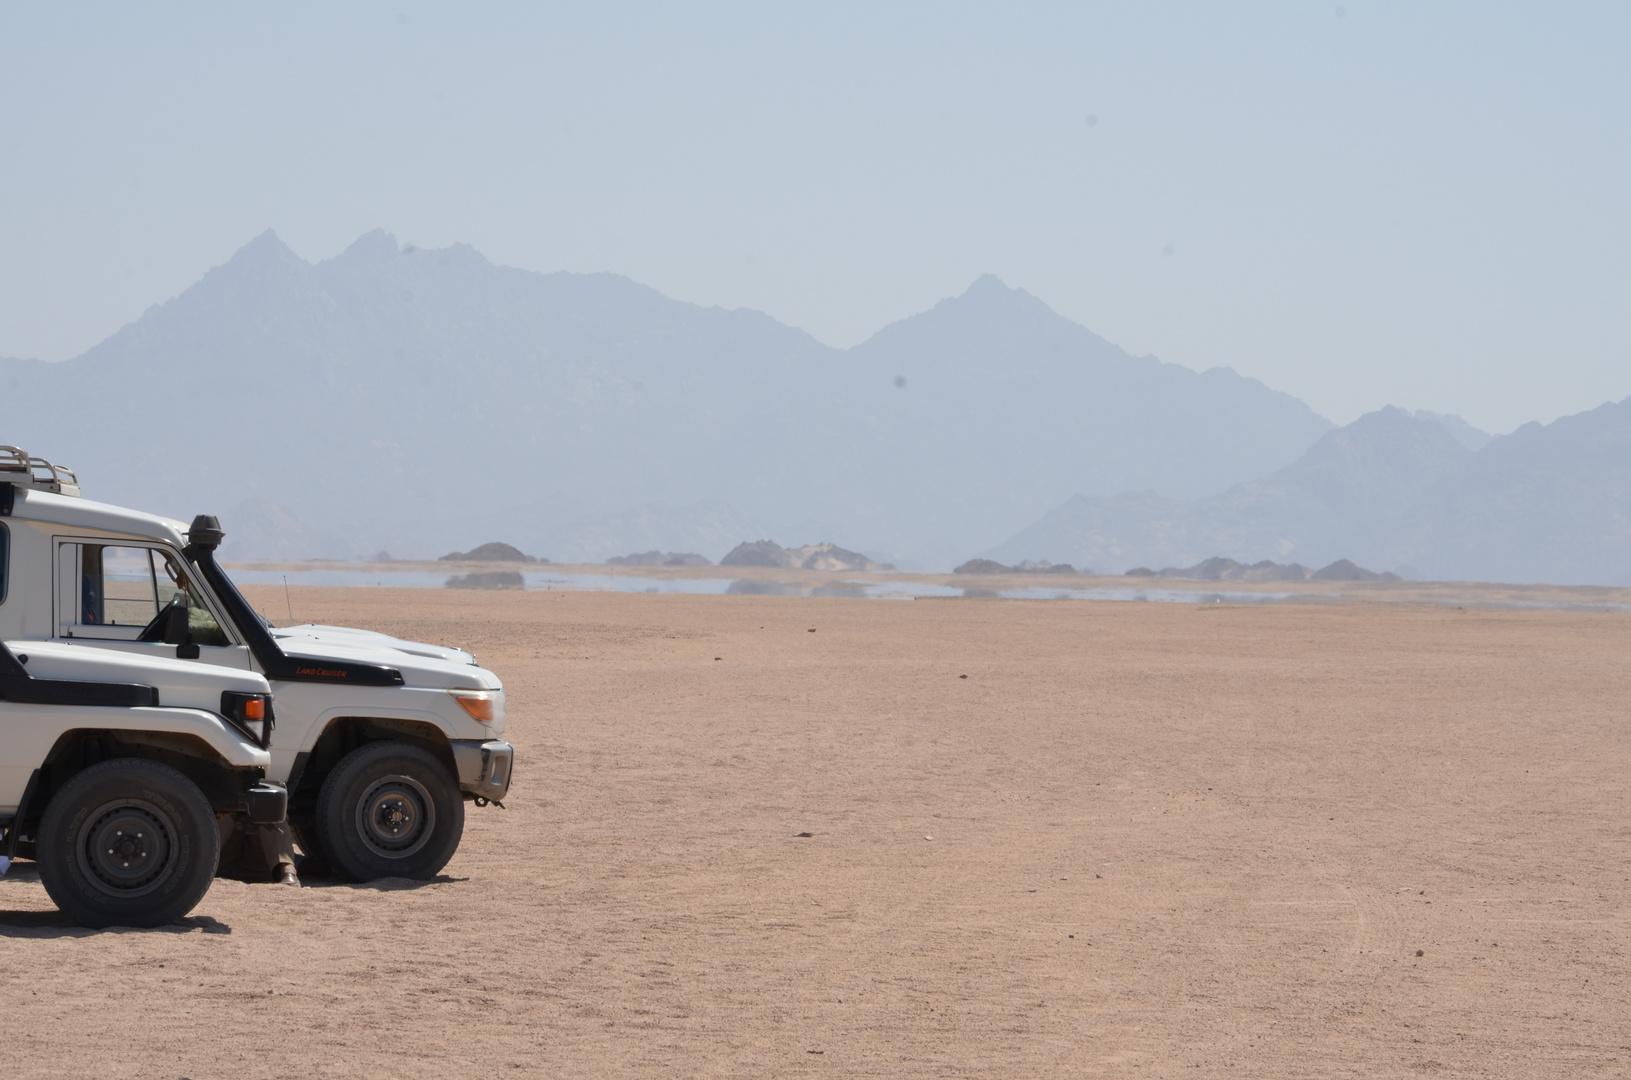 Fata Morgana in der Wüste Hurghadas.